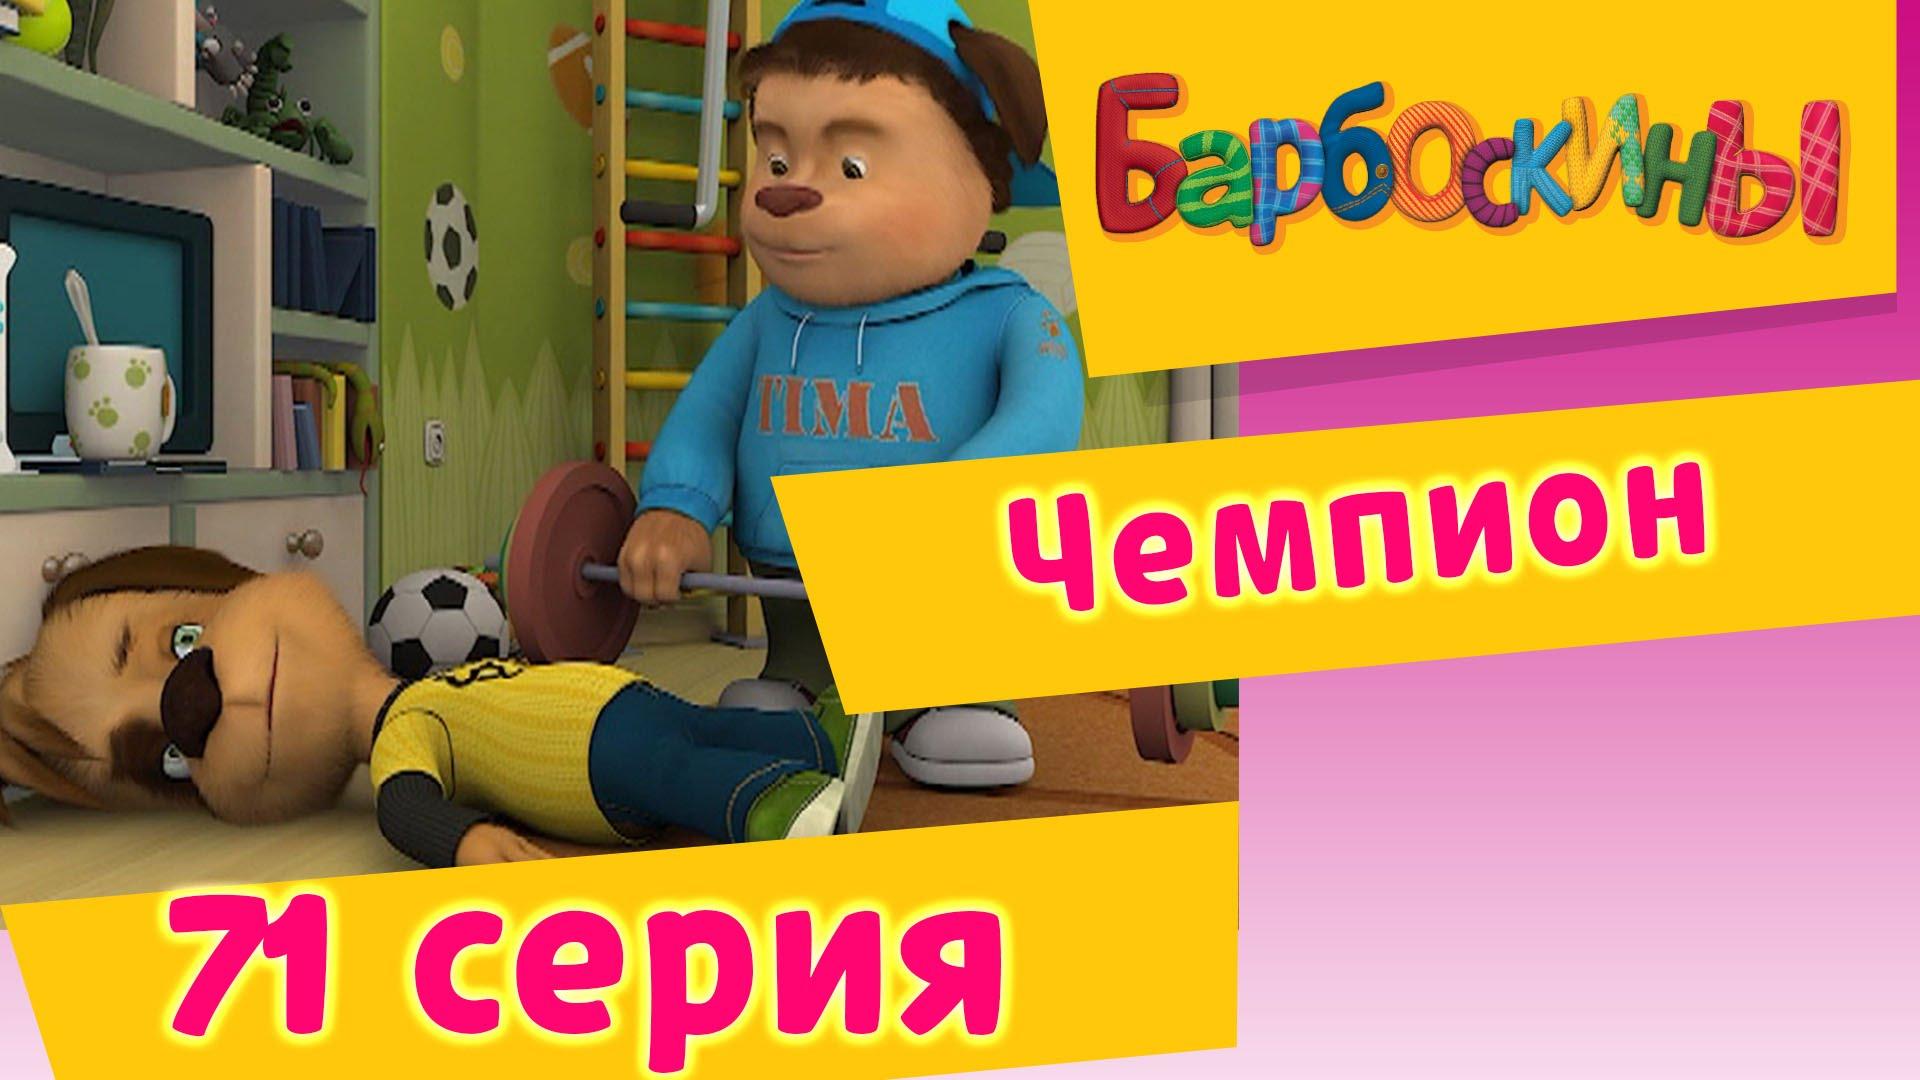 Барбоскины — 71 Серия. Чемпион